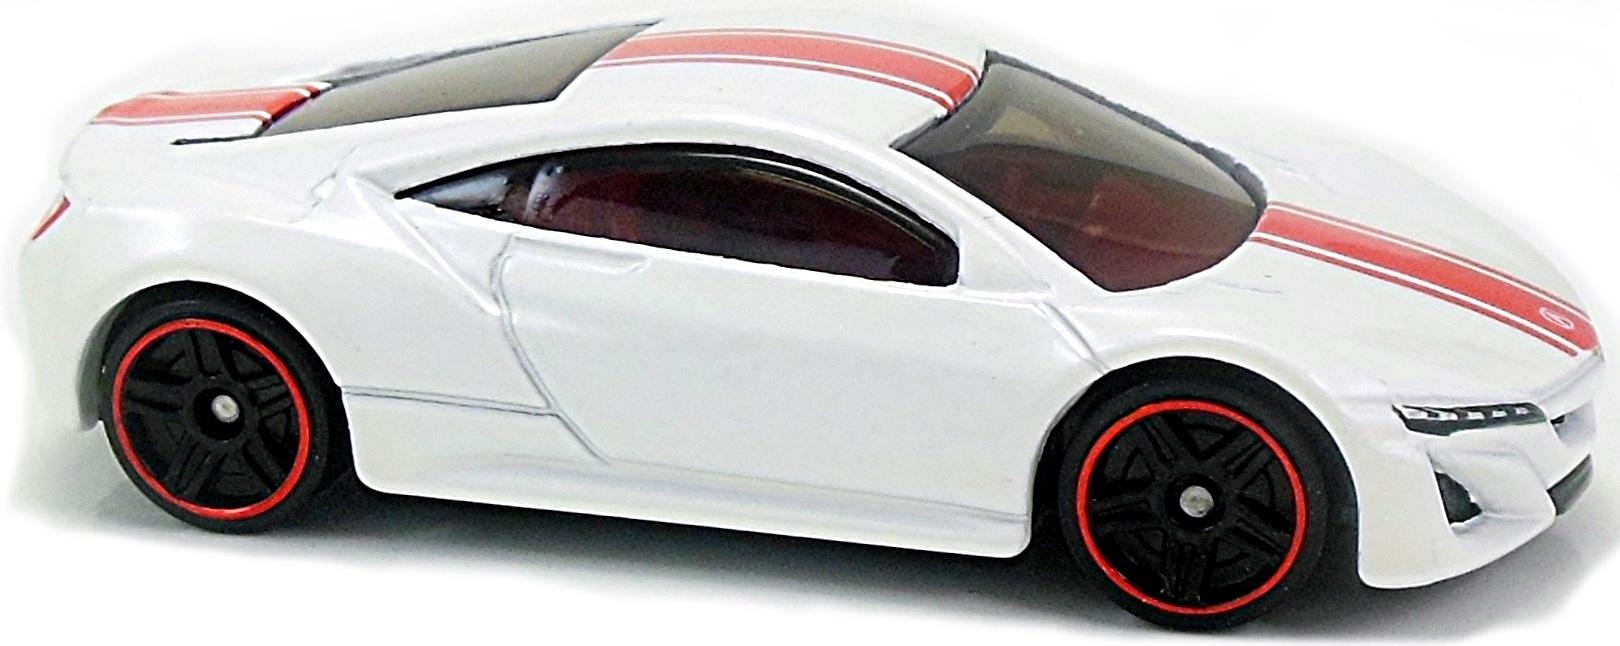 2018 Multi Pack Only Hot Wheels Newsletter